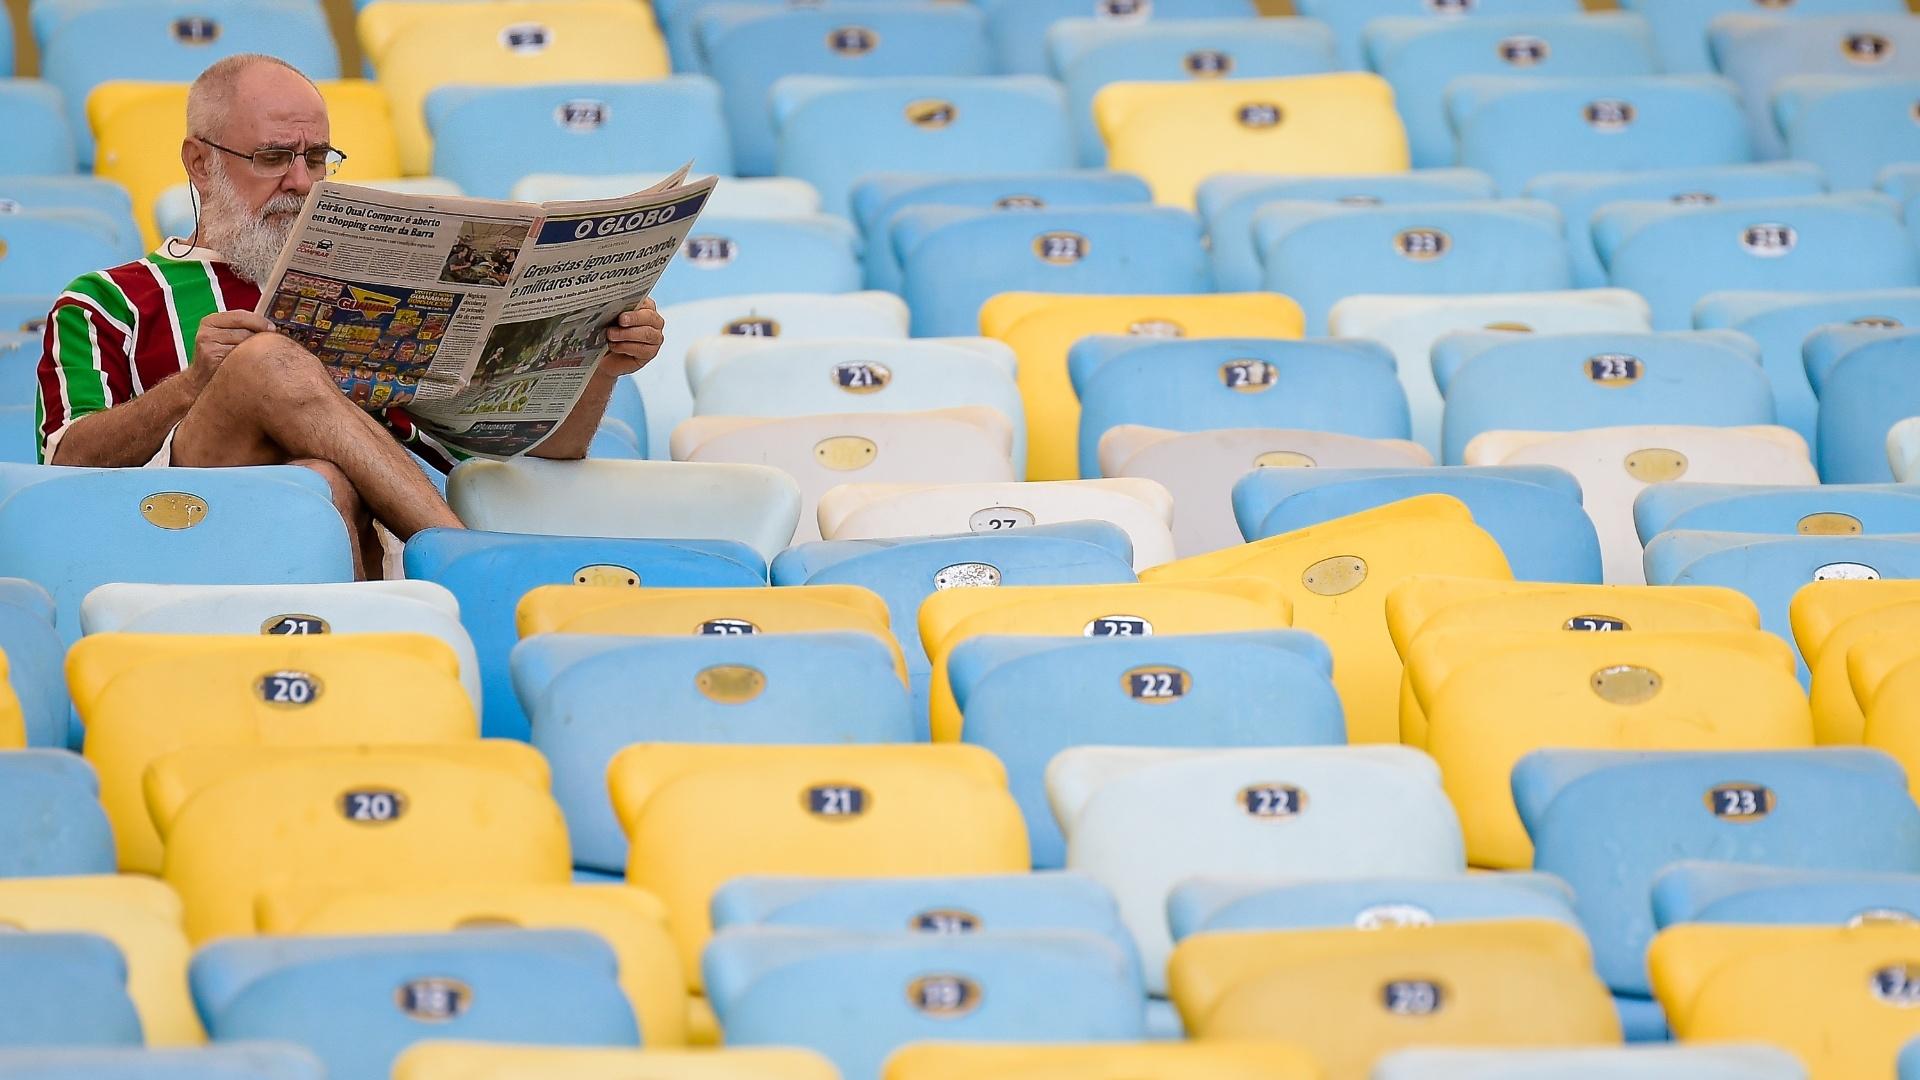 Torcedor lê jornal durante a partida entre Fluminense e Chapecoense